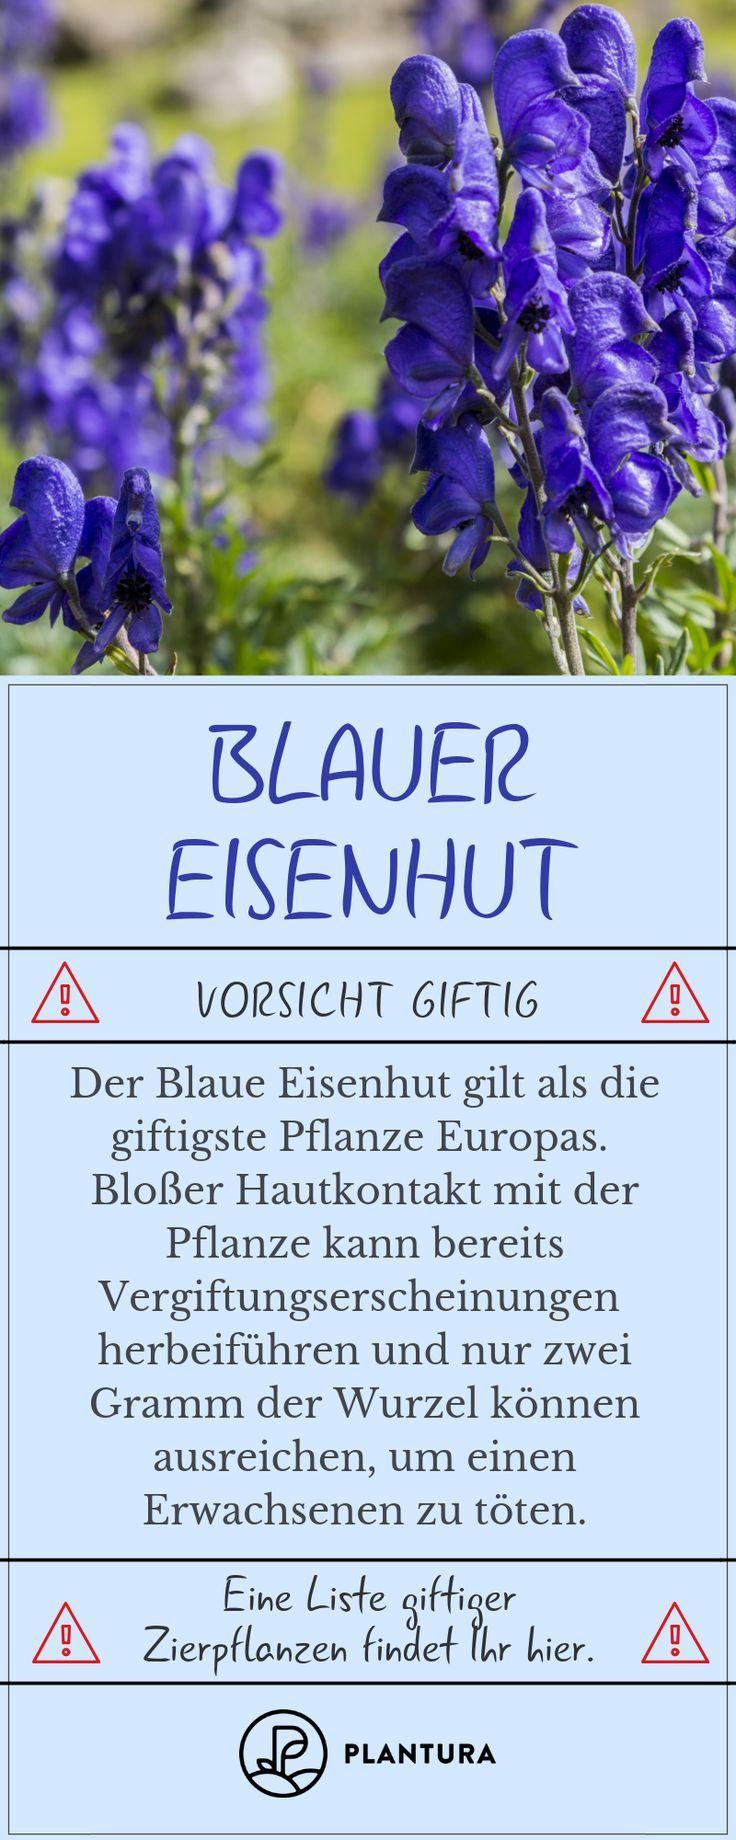 Liste Giftiger Zierpflanzen Giftiger Liste Zierpflanzen